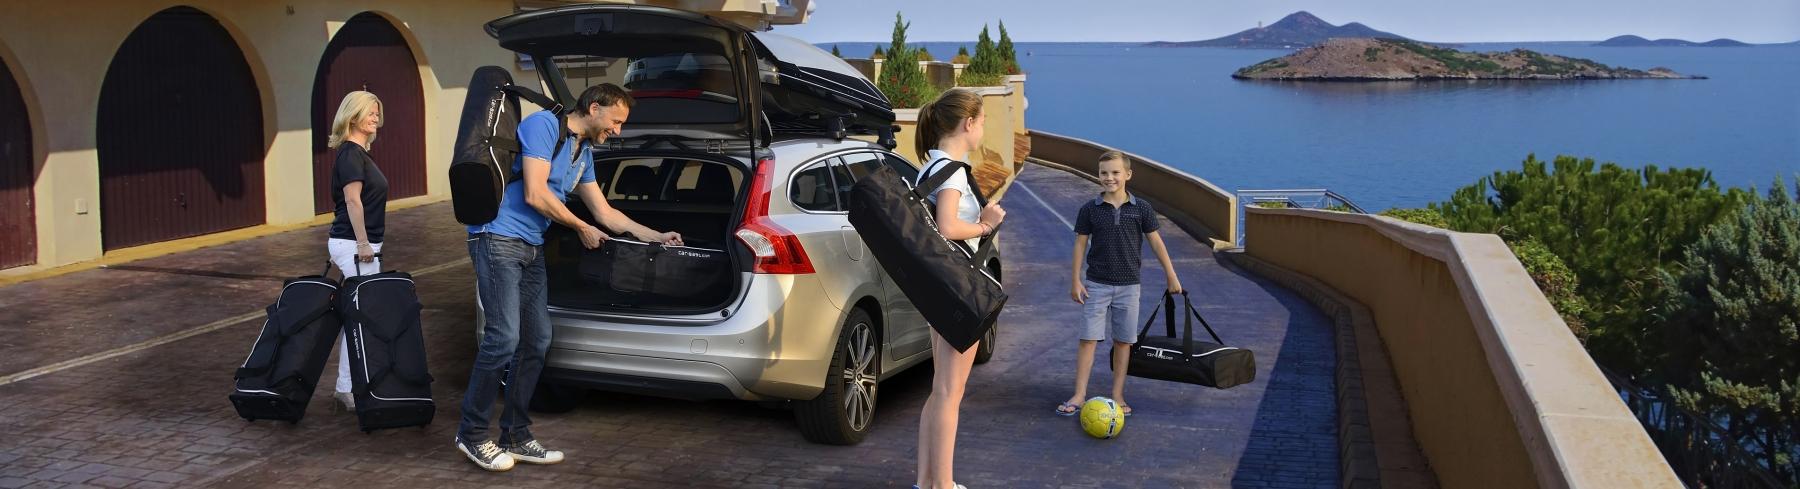 car-bags-zorgeloos-op-reis-zomer